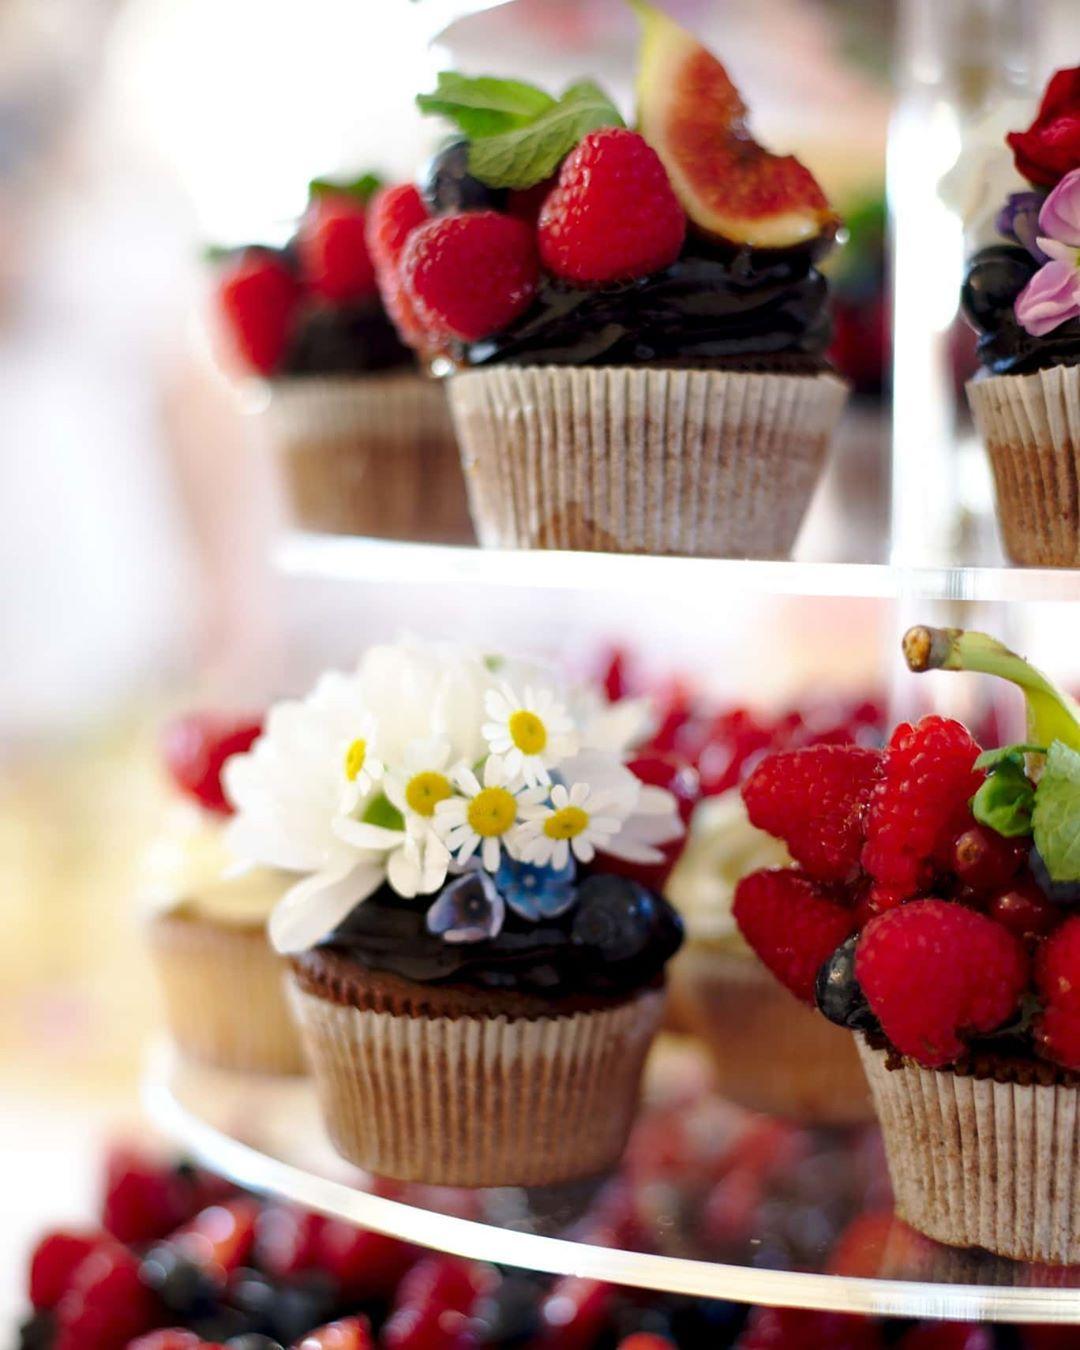 Profesionální svatební cupcakes - Obrázek č. 2